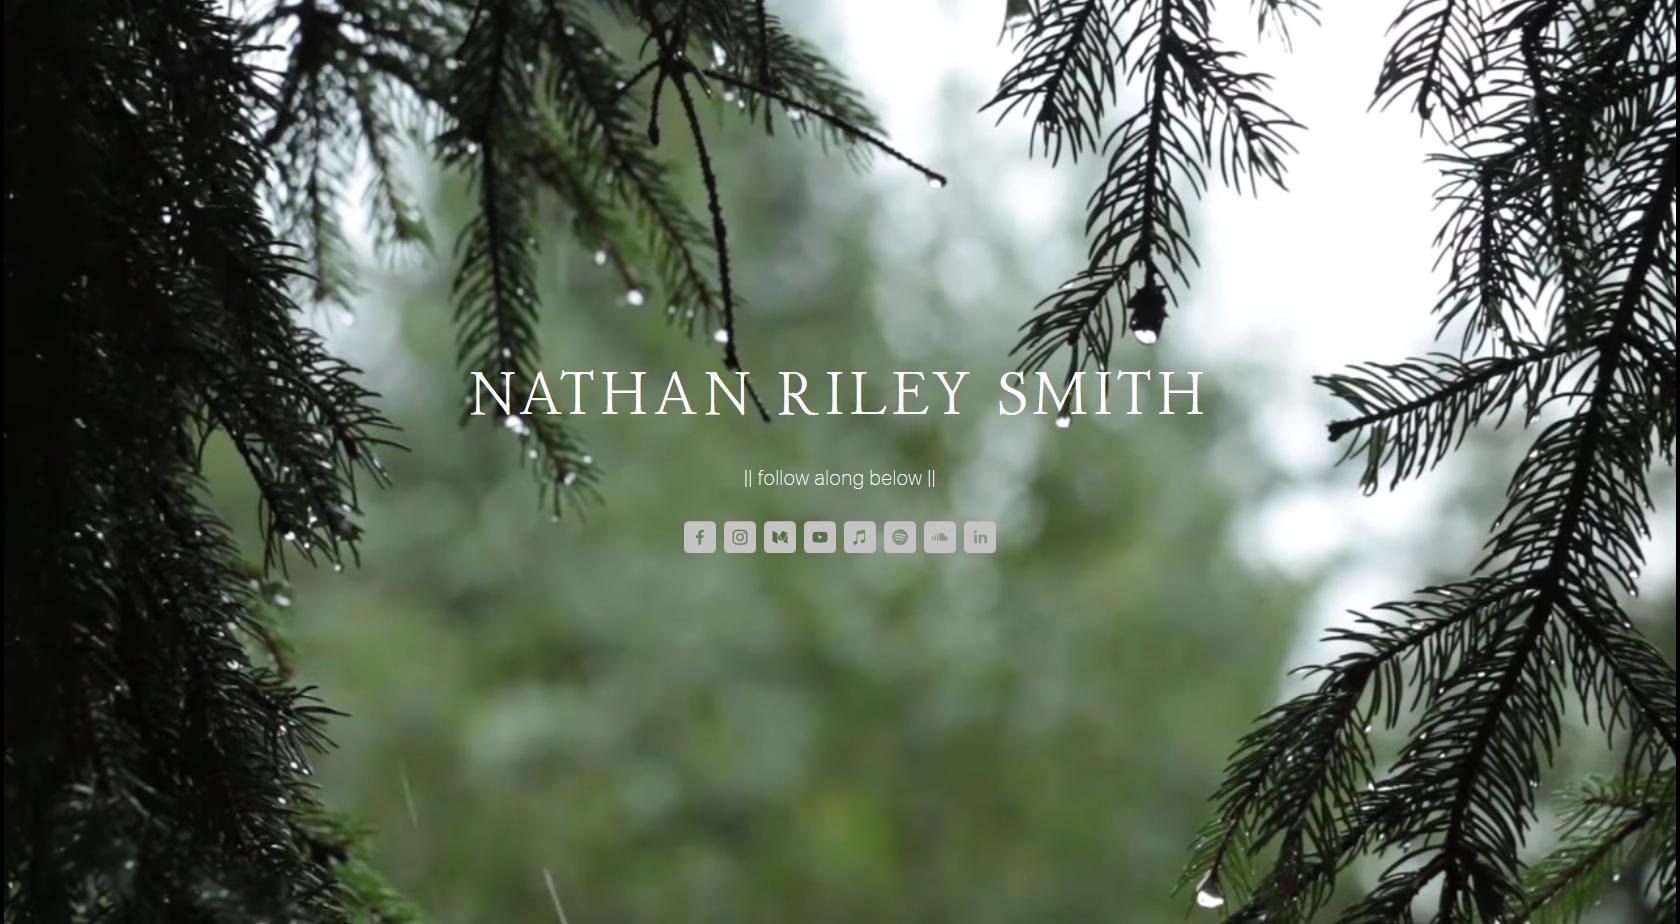 Nathan Riley Smith